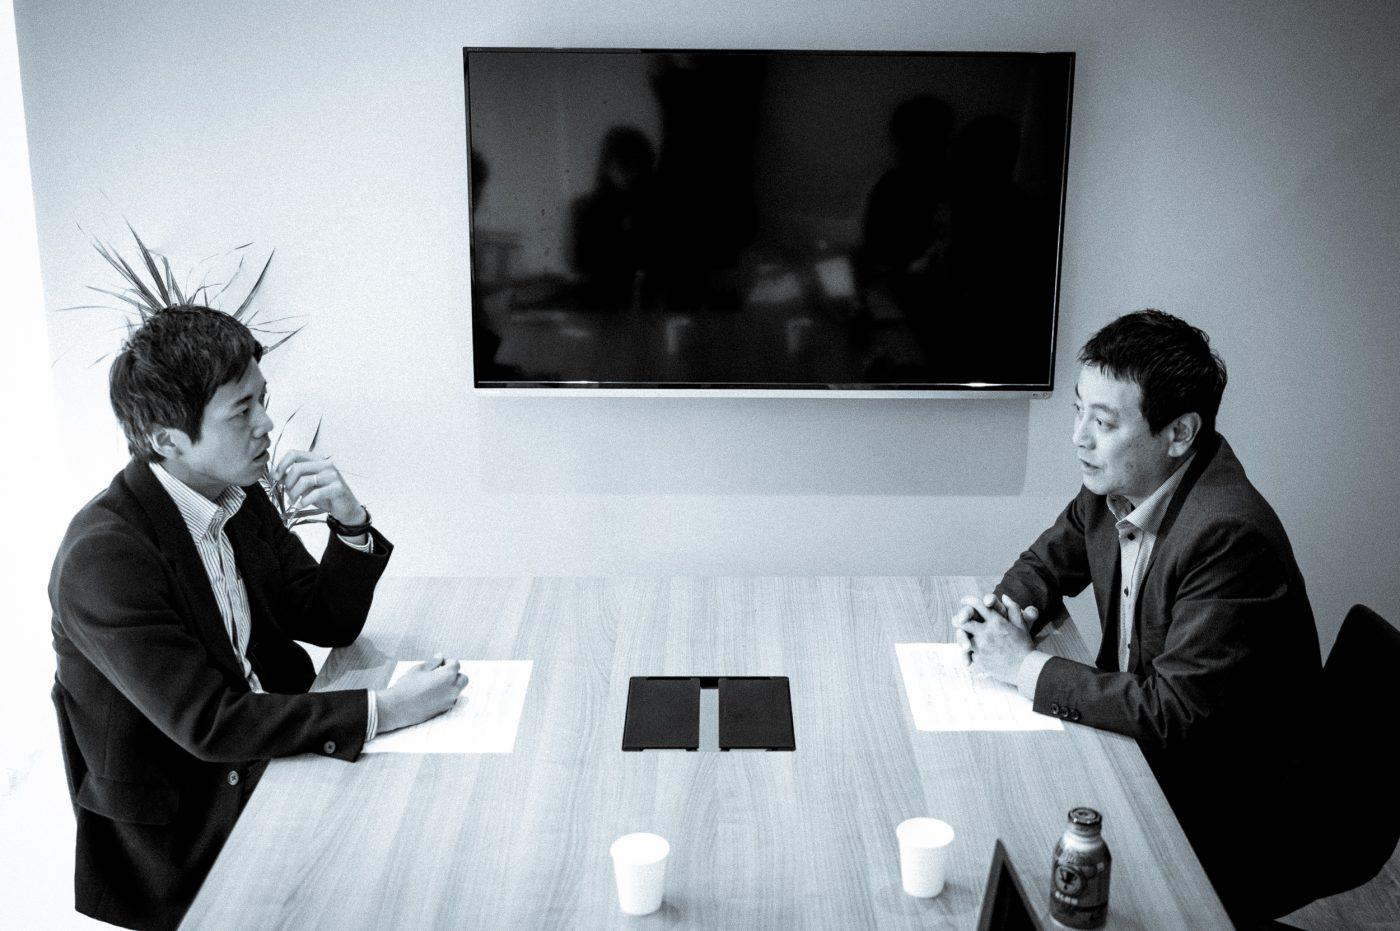 【対談】考えるべきは事業単体の収支ではなく人の移動が地域経済に与えるトータル的な影響 天野成章×黒岩隆之(後編)